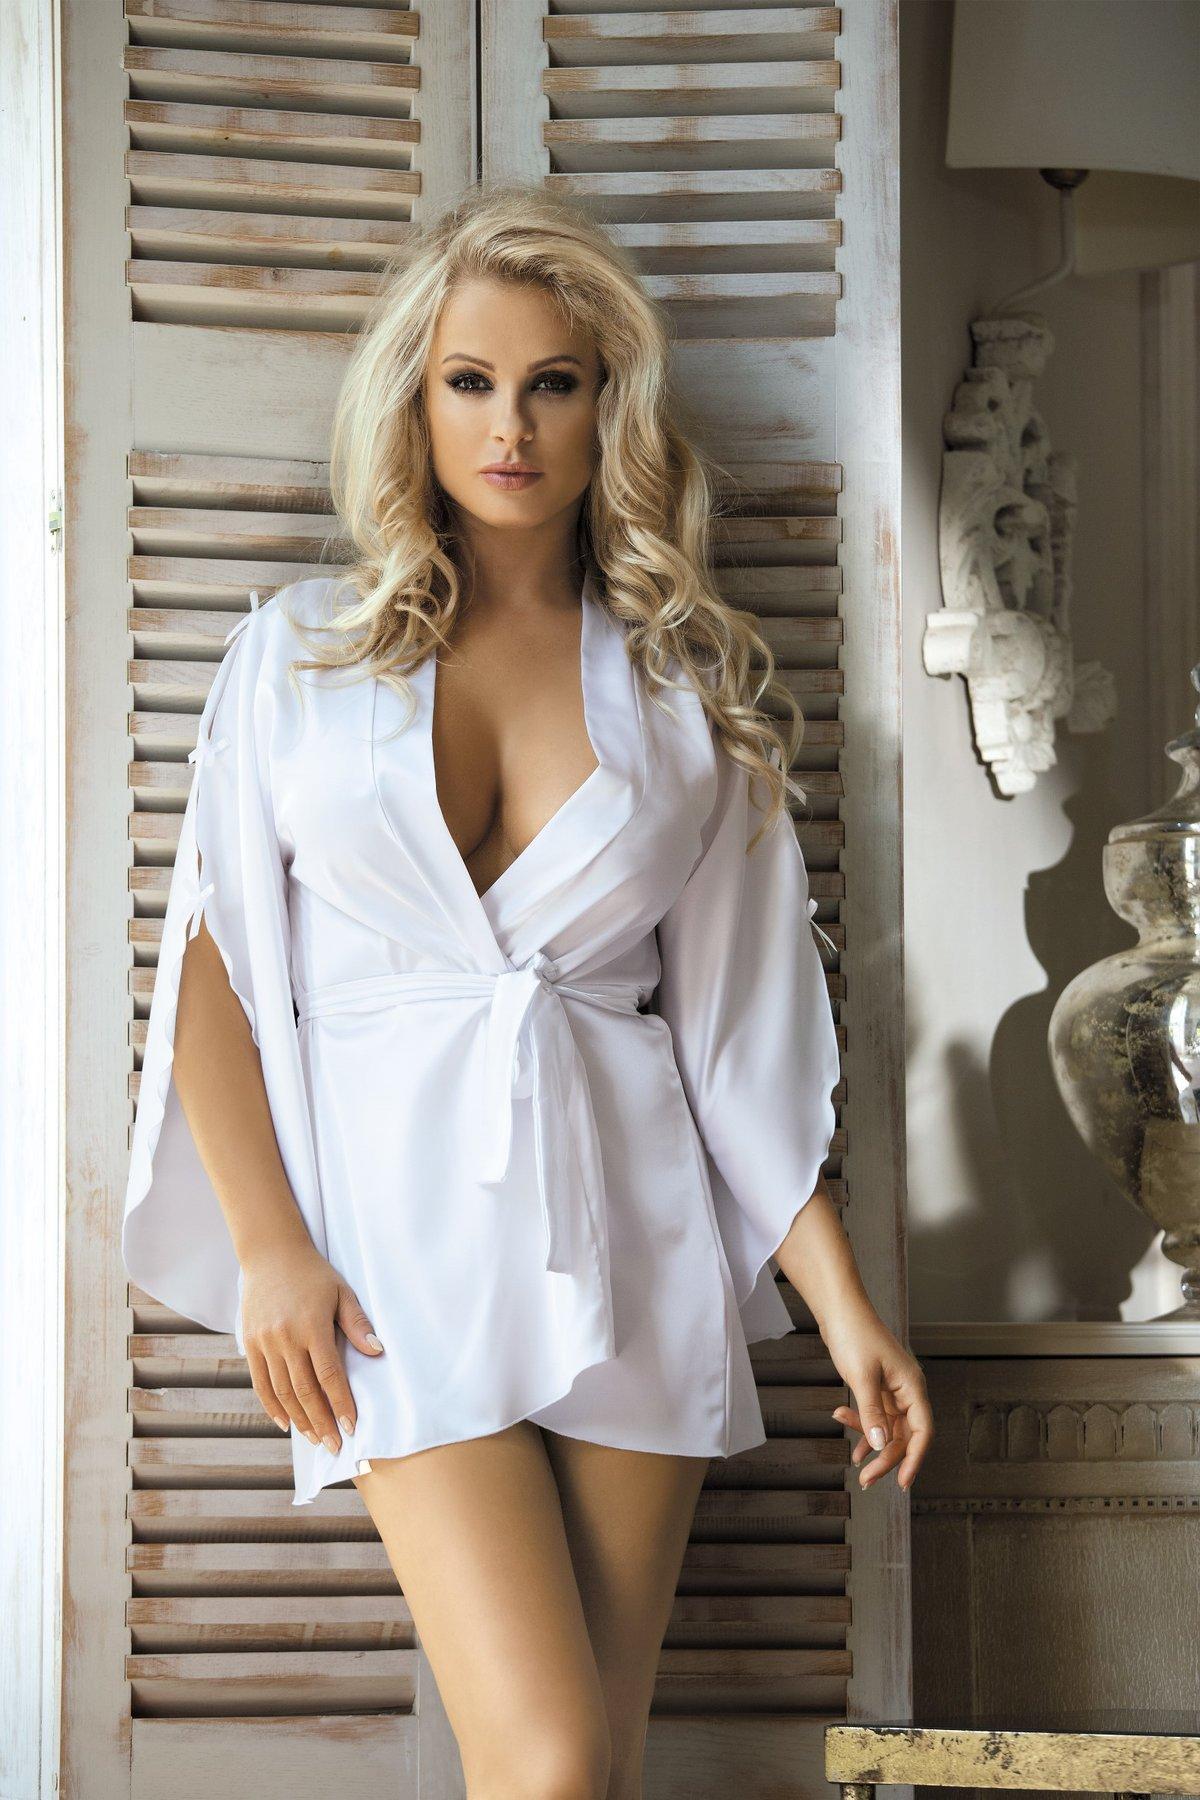 мне фото полной девушки в халате белом псаки имеет греческие